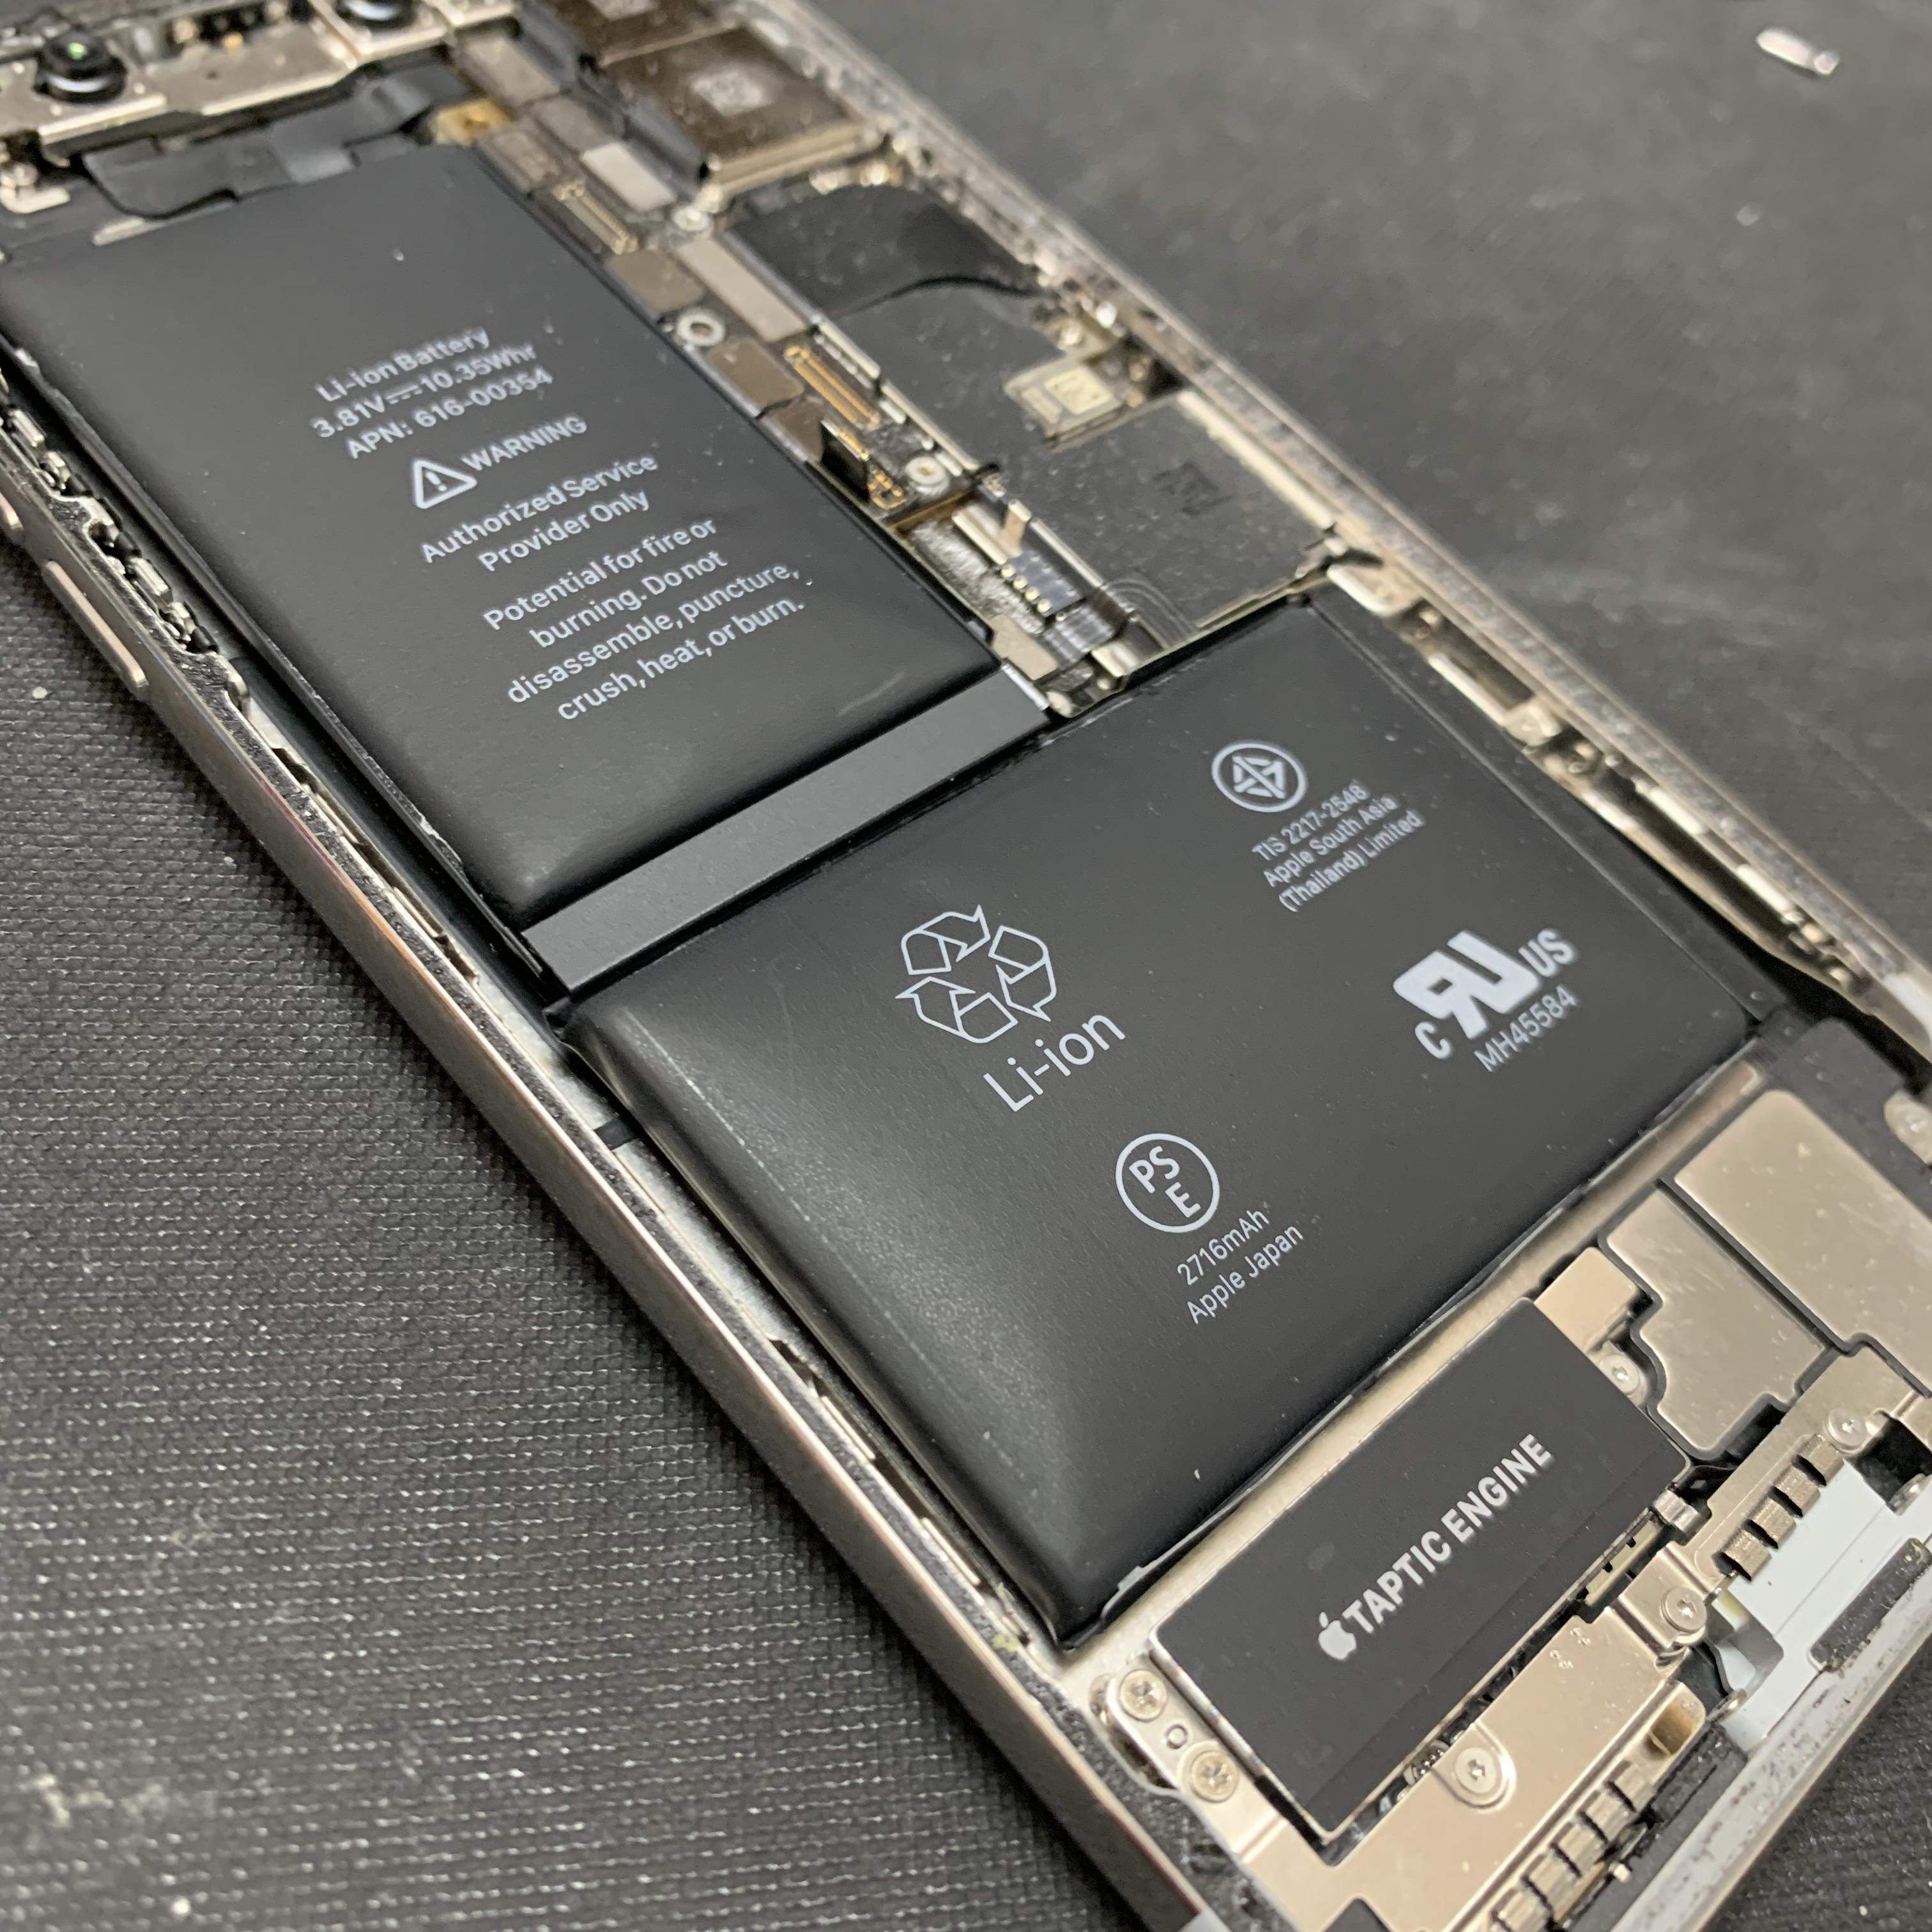 膨張したiPhoneXのバッテリー